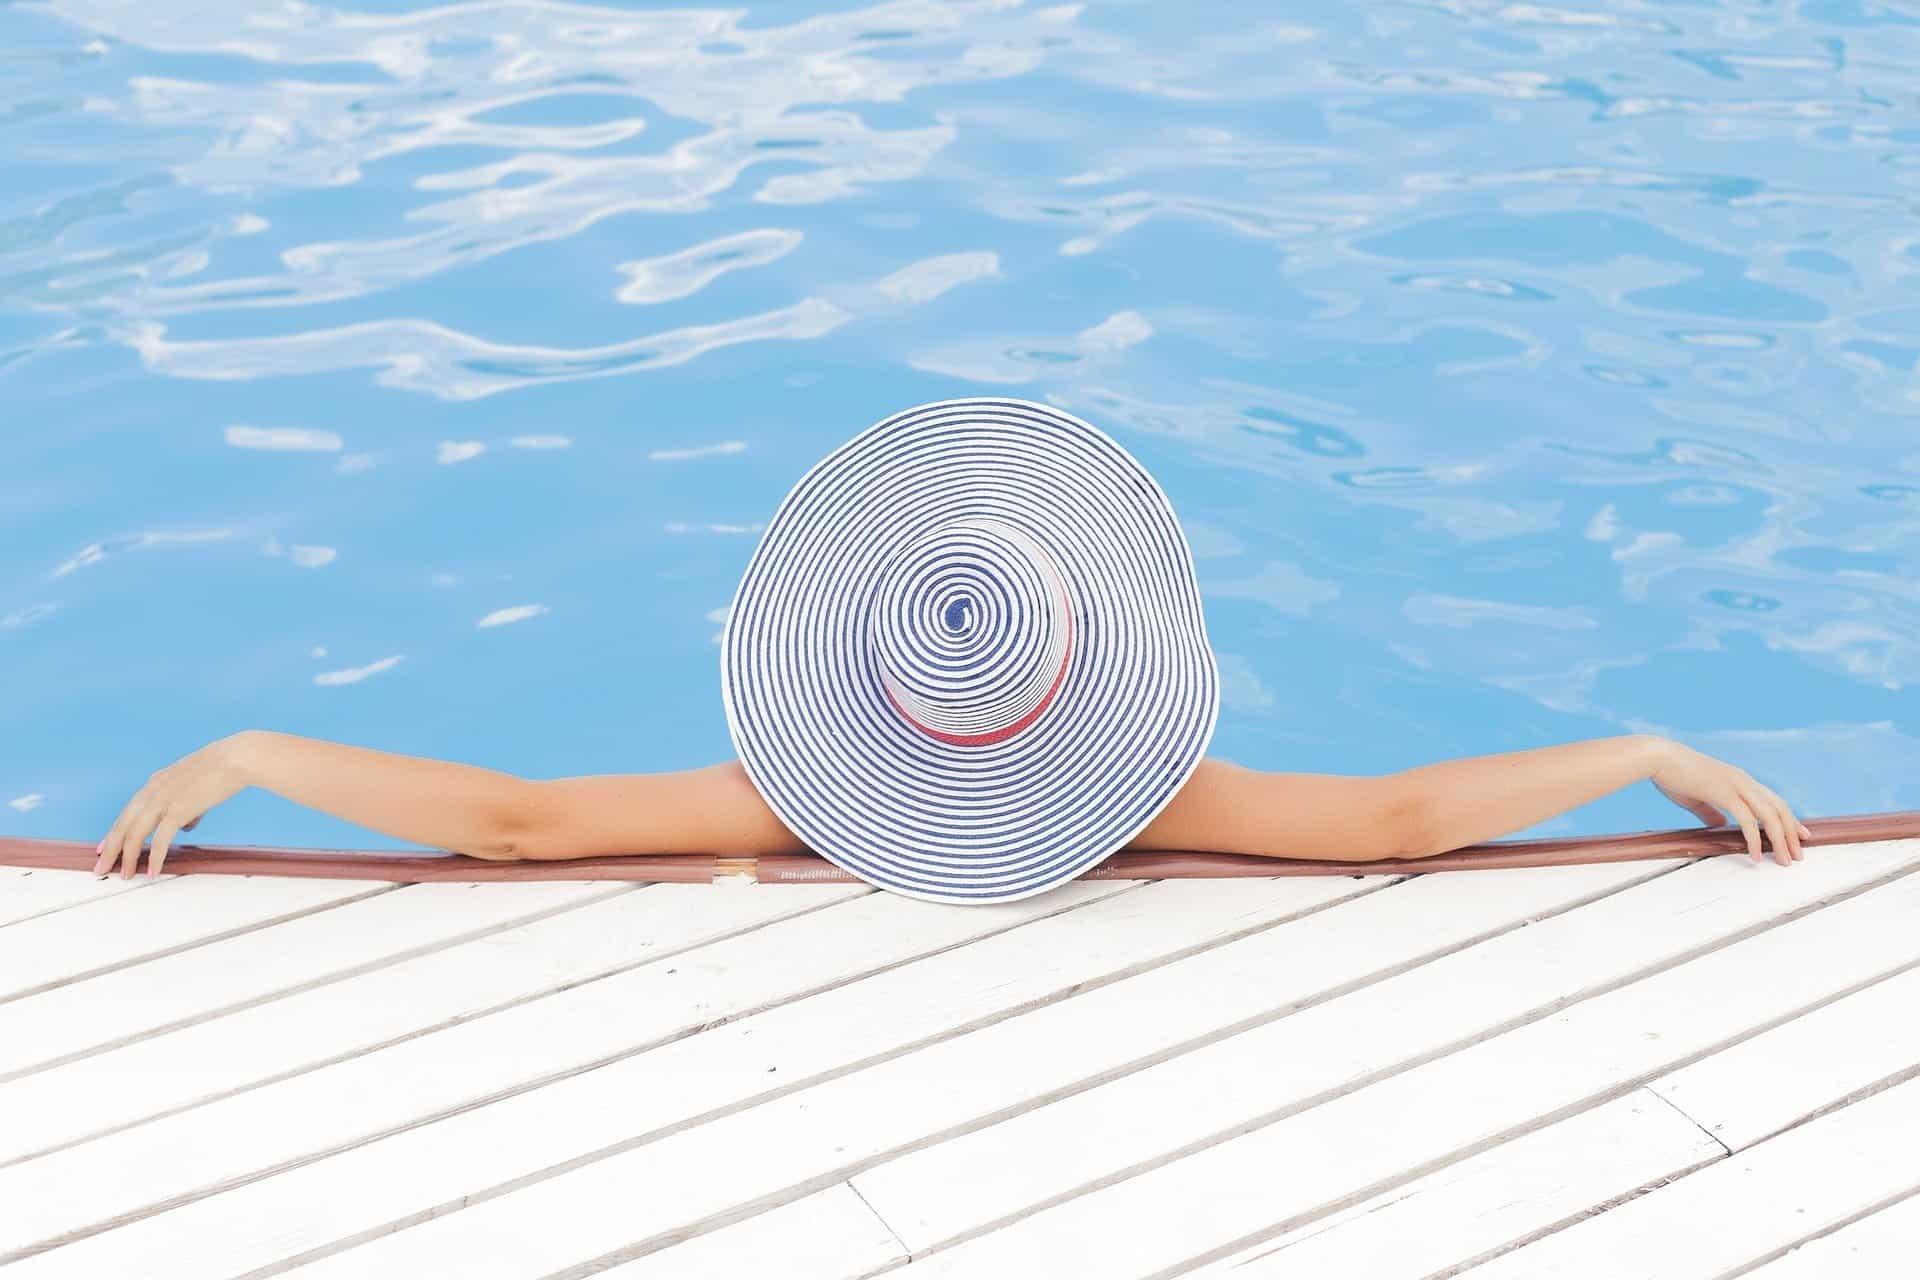 Îngrijirea pielii pe timp de vară